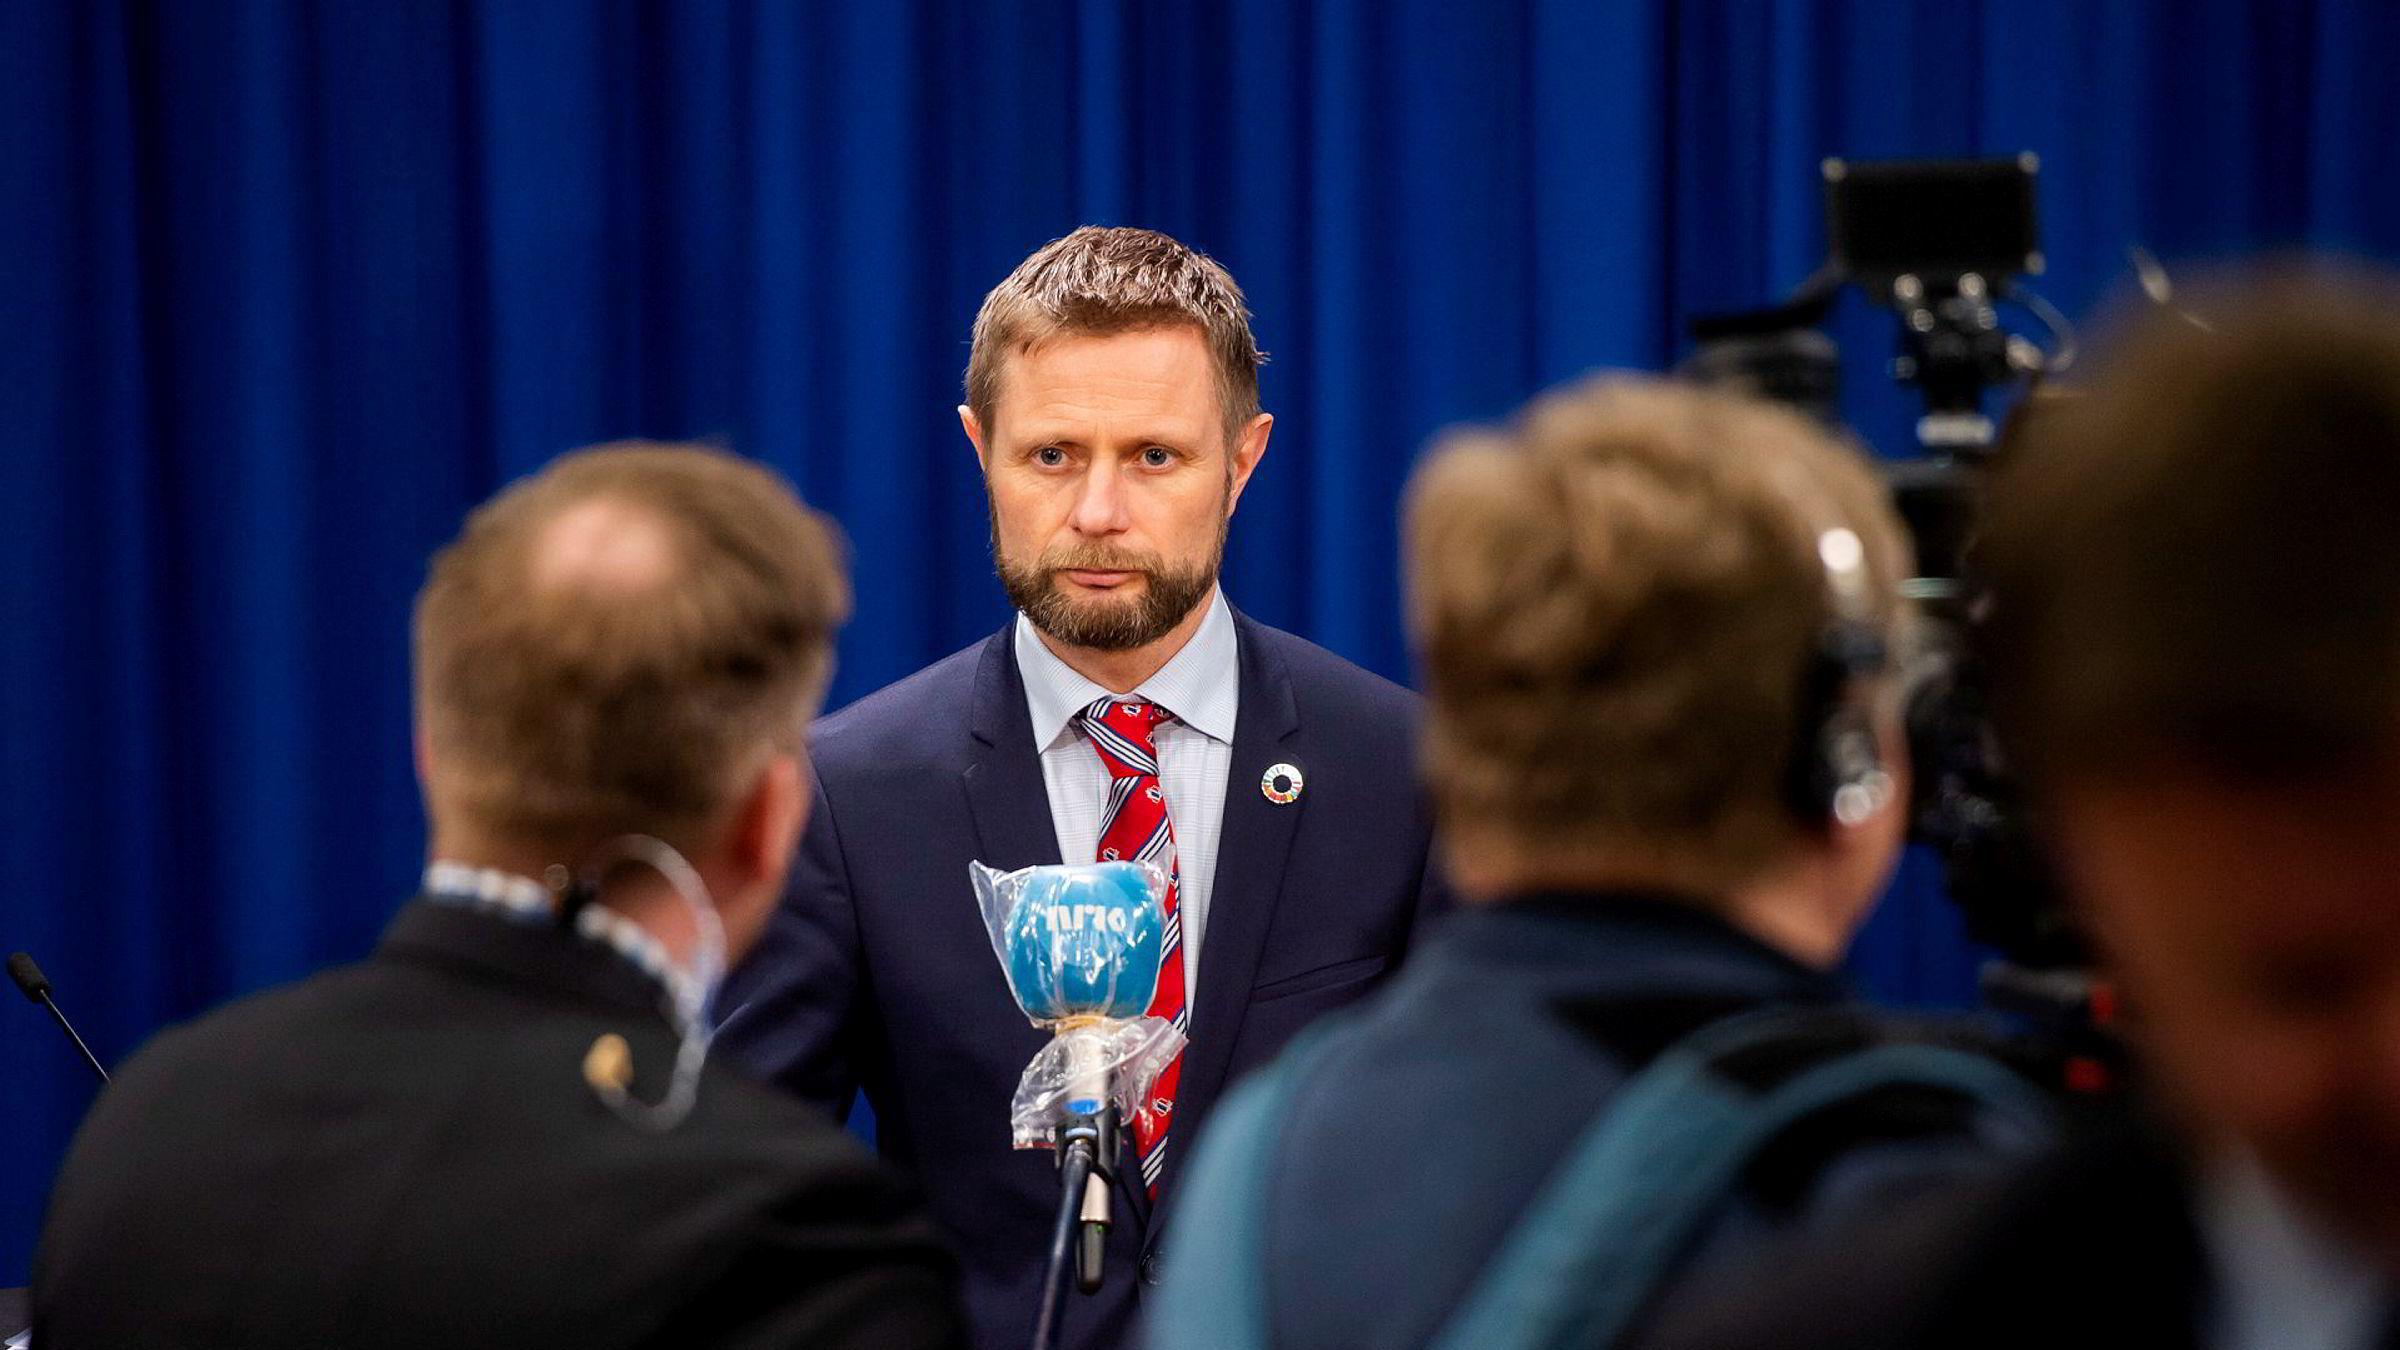 Helse- og omsorgsminister Bent Høie (H) skulle søndag presentere en ny veileder for kommunene om lokale karanteneregler, men pressekonferansen ble utsatt.